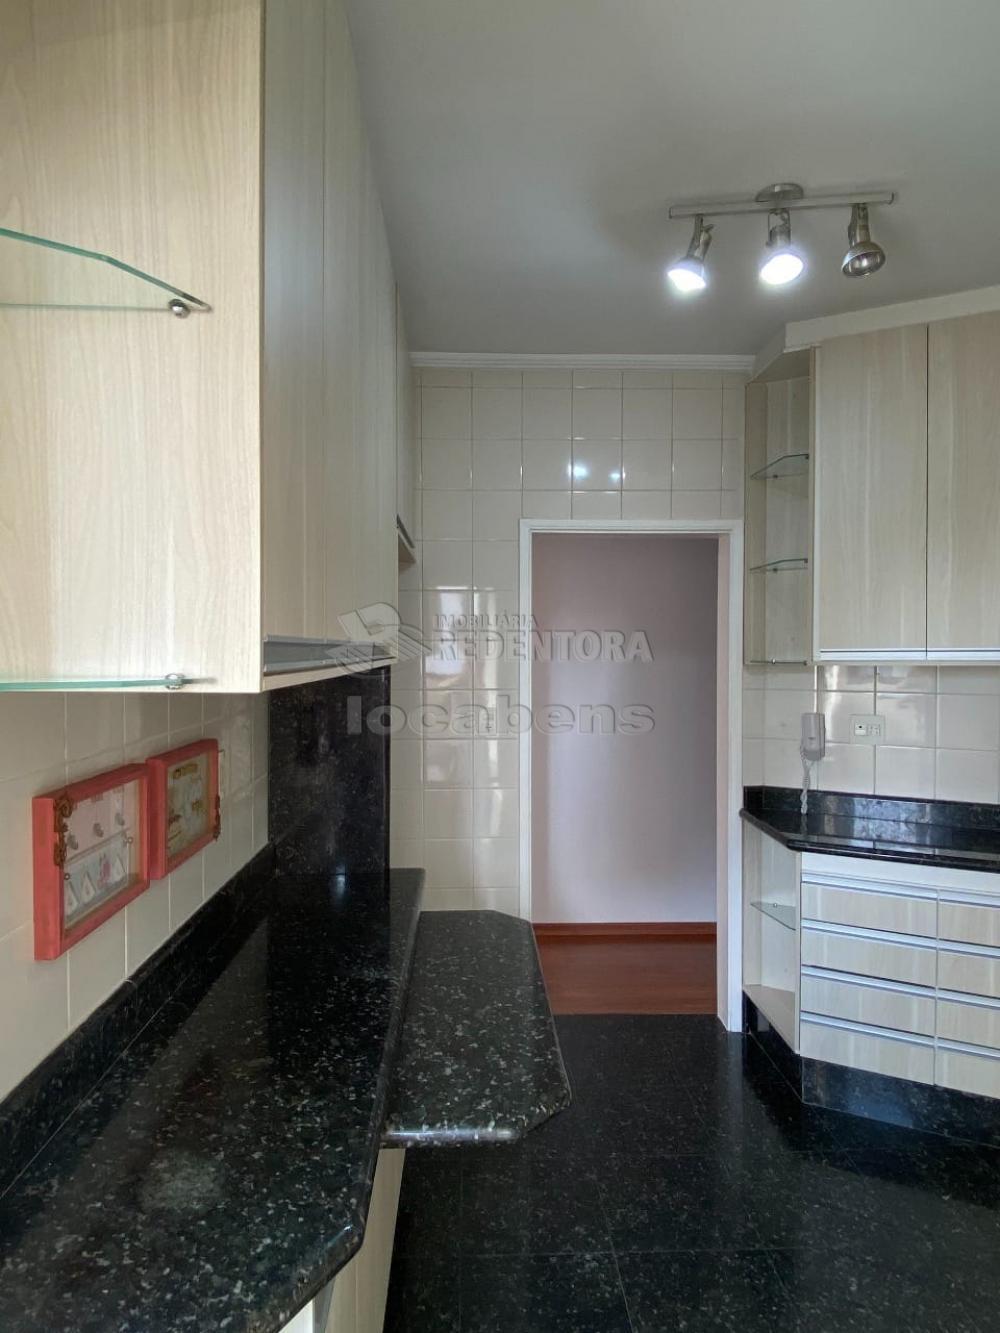 Comprar Apartamento / Padrão em São Paulo R$ 495.000,00 - Foto 14